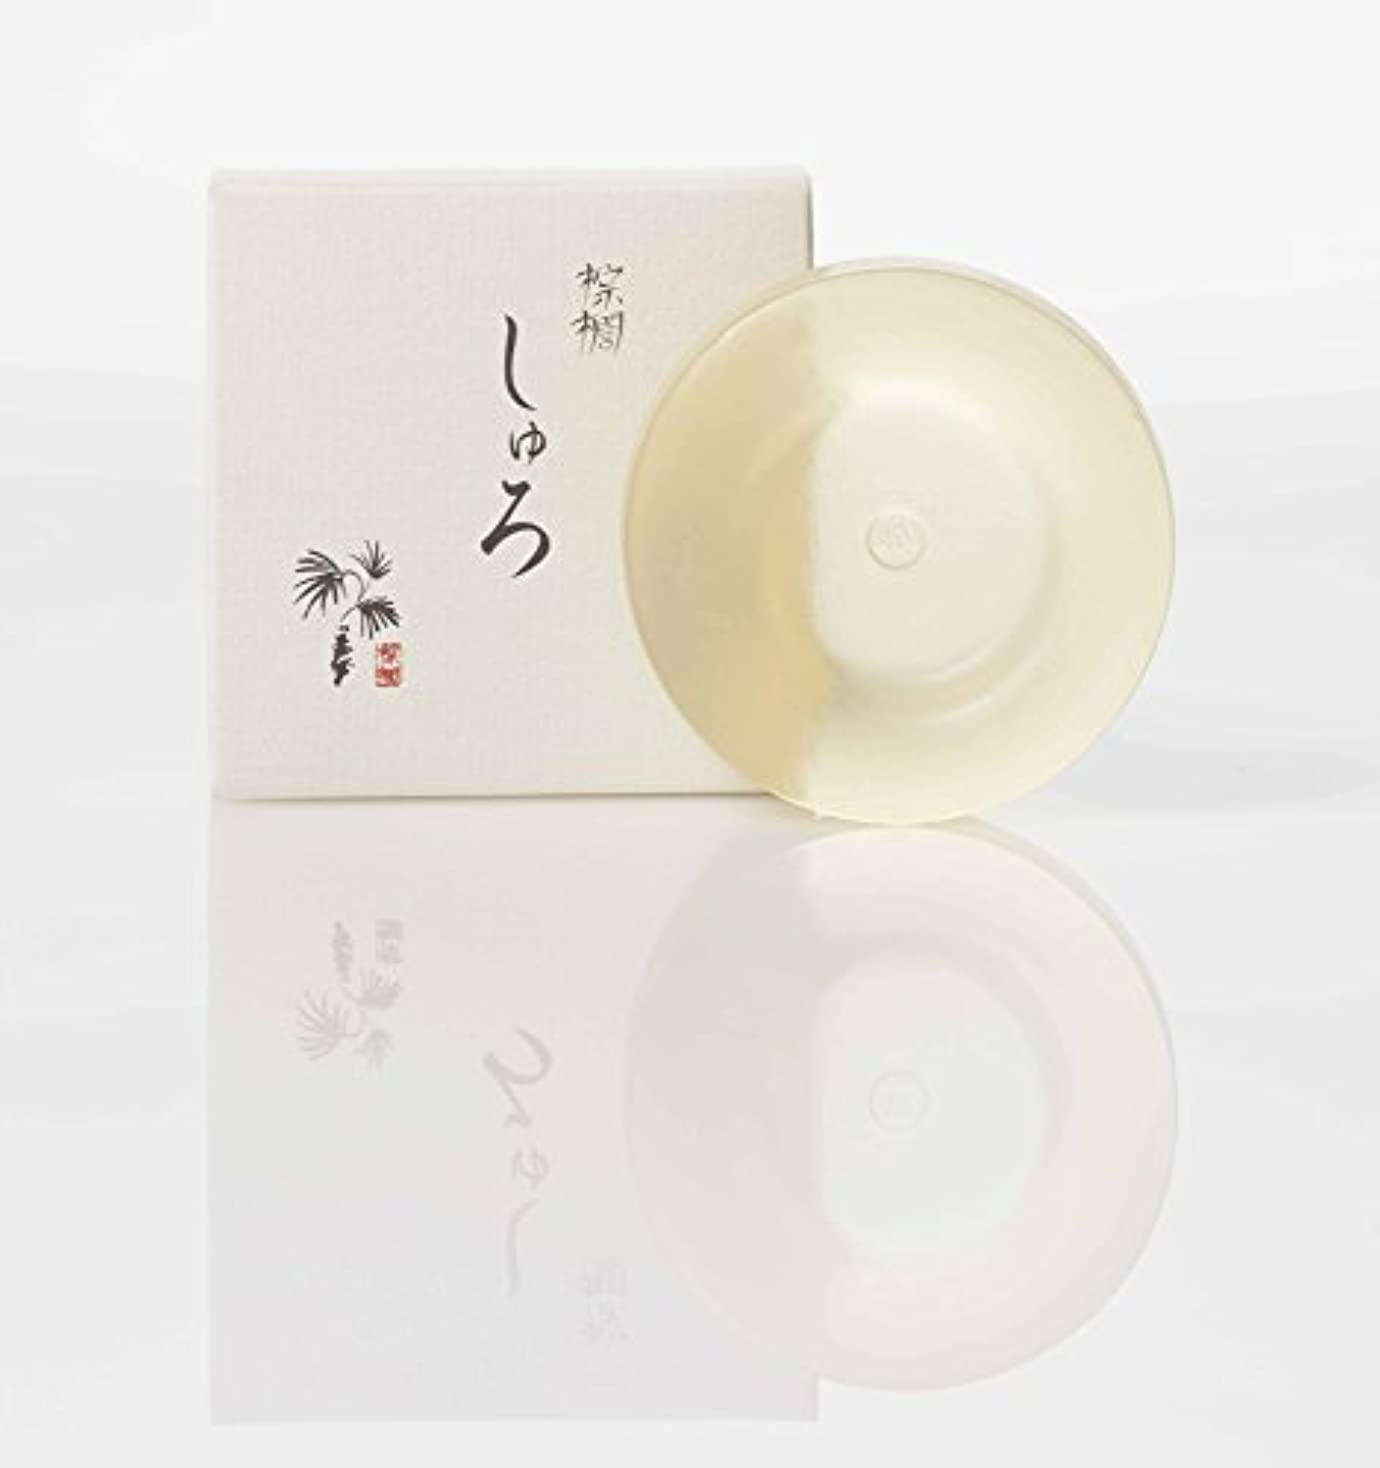 蒸気差別化する矢じりしゅろ 洗顔せっけん 固形 ソープ 無添加 凝固剤不使用 60g